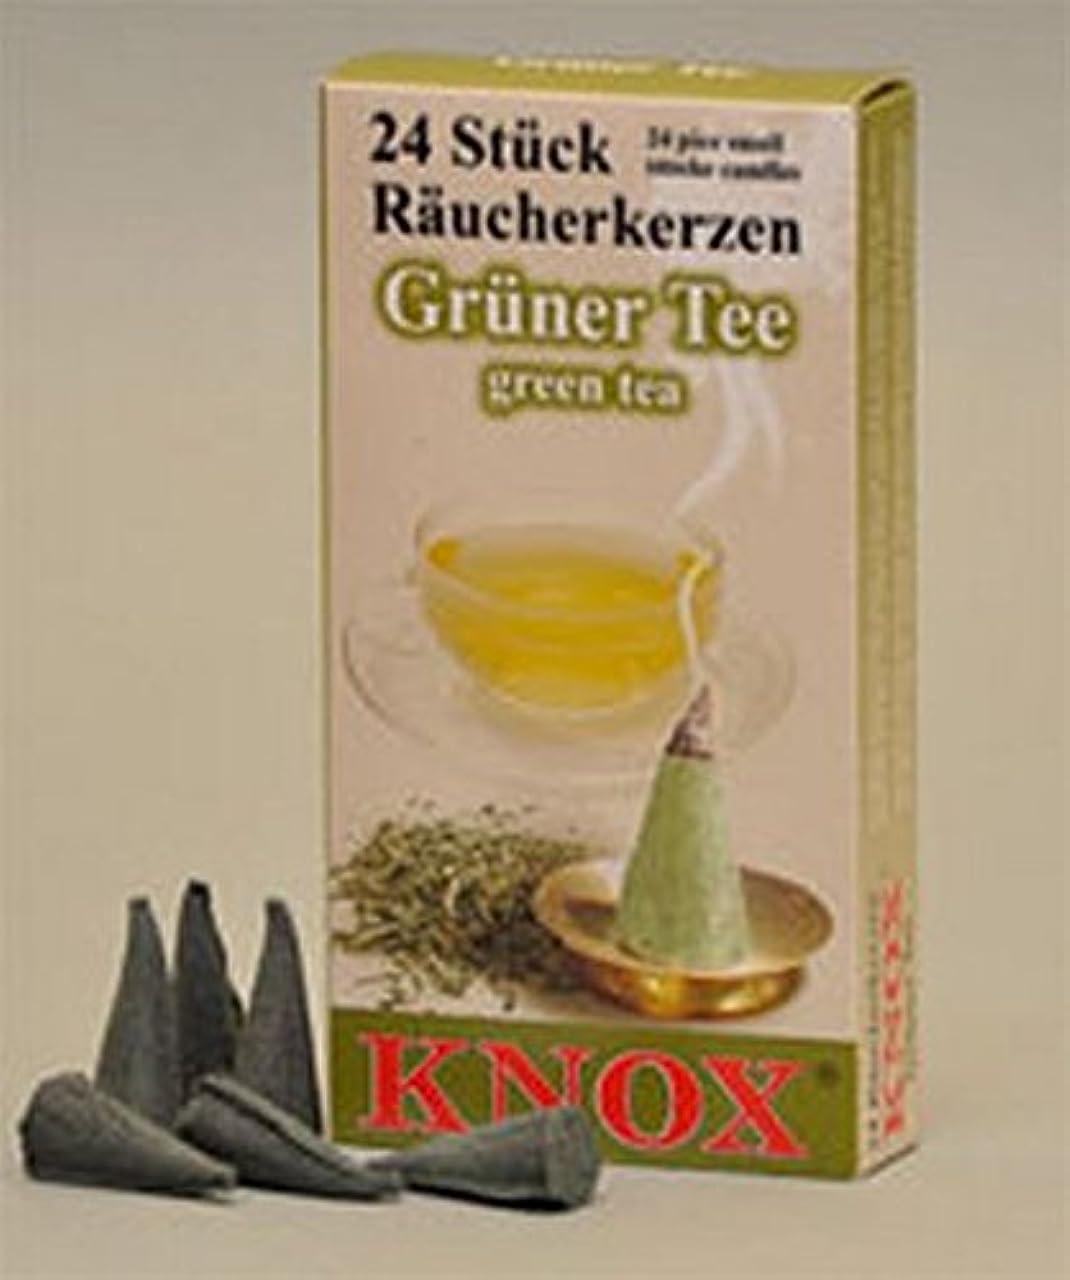 クリエイティブ桁違反Knox Green Tea Scent German Incense Conesドイツ製forクリスマスSmokers